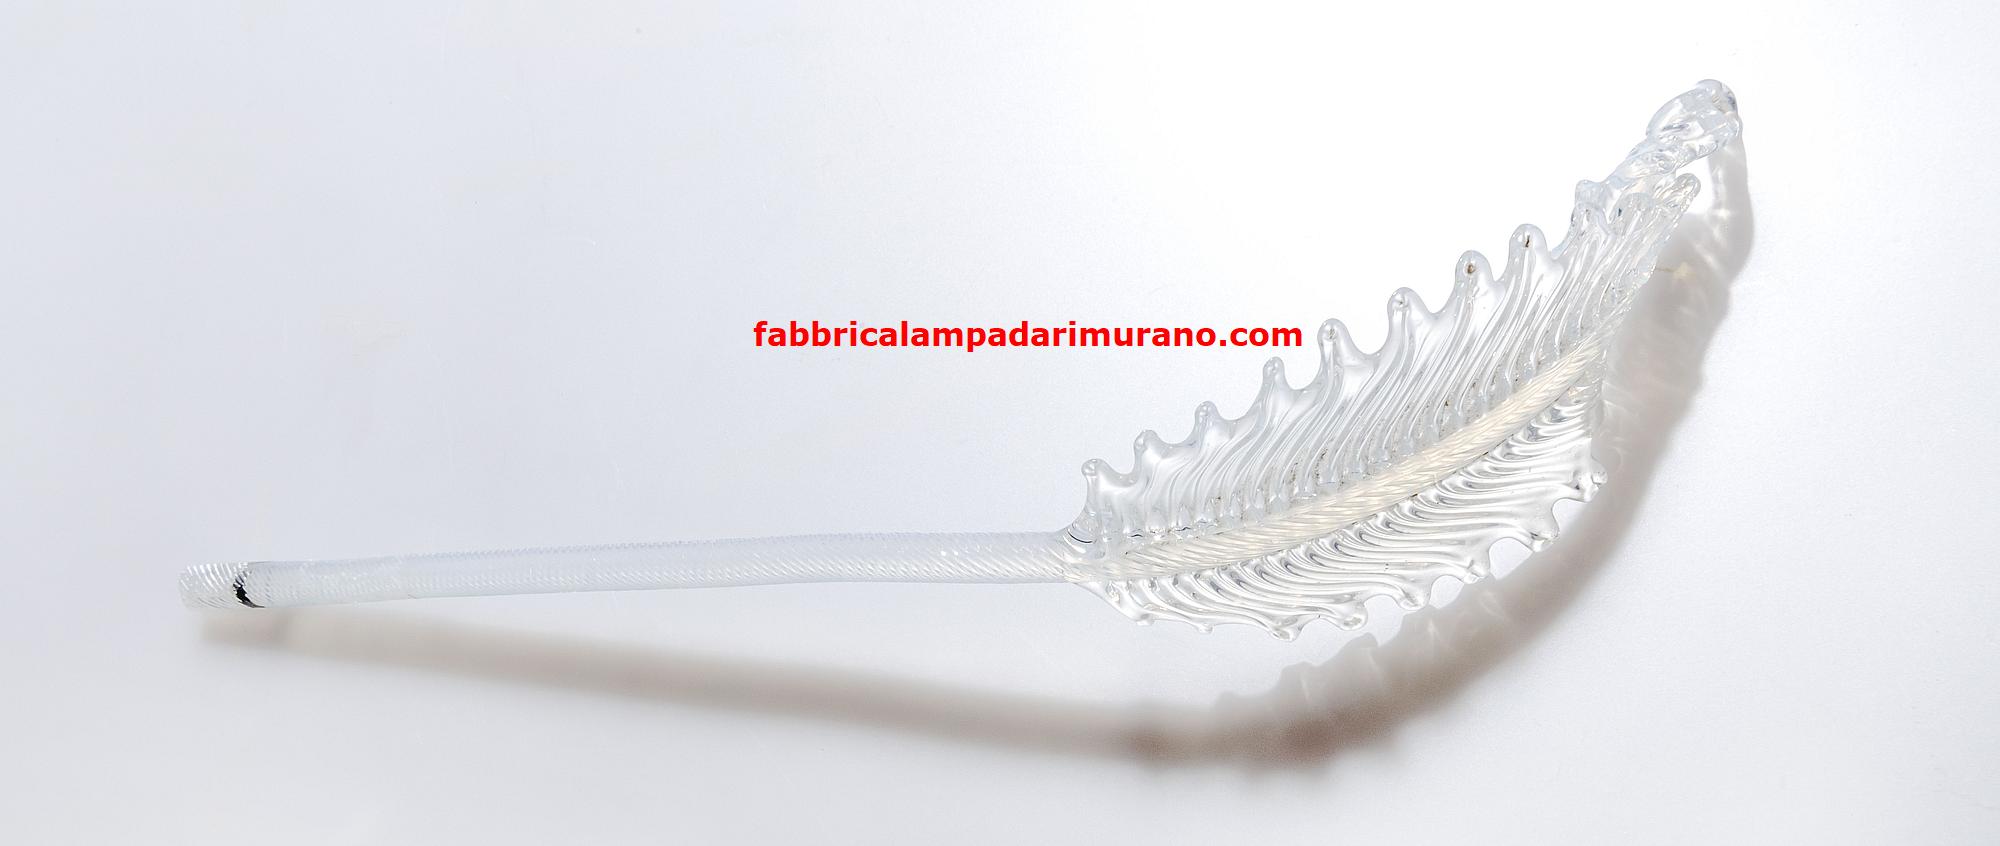 foglia-alta-ricambio-per-lampadario-di-murano-in-vetro